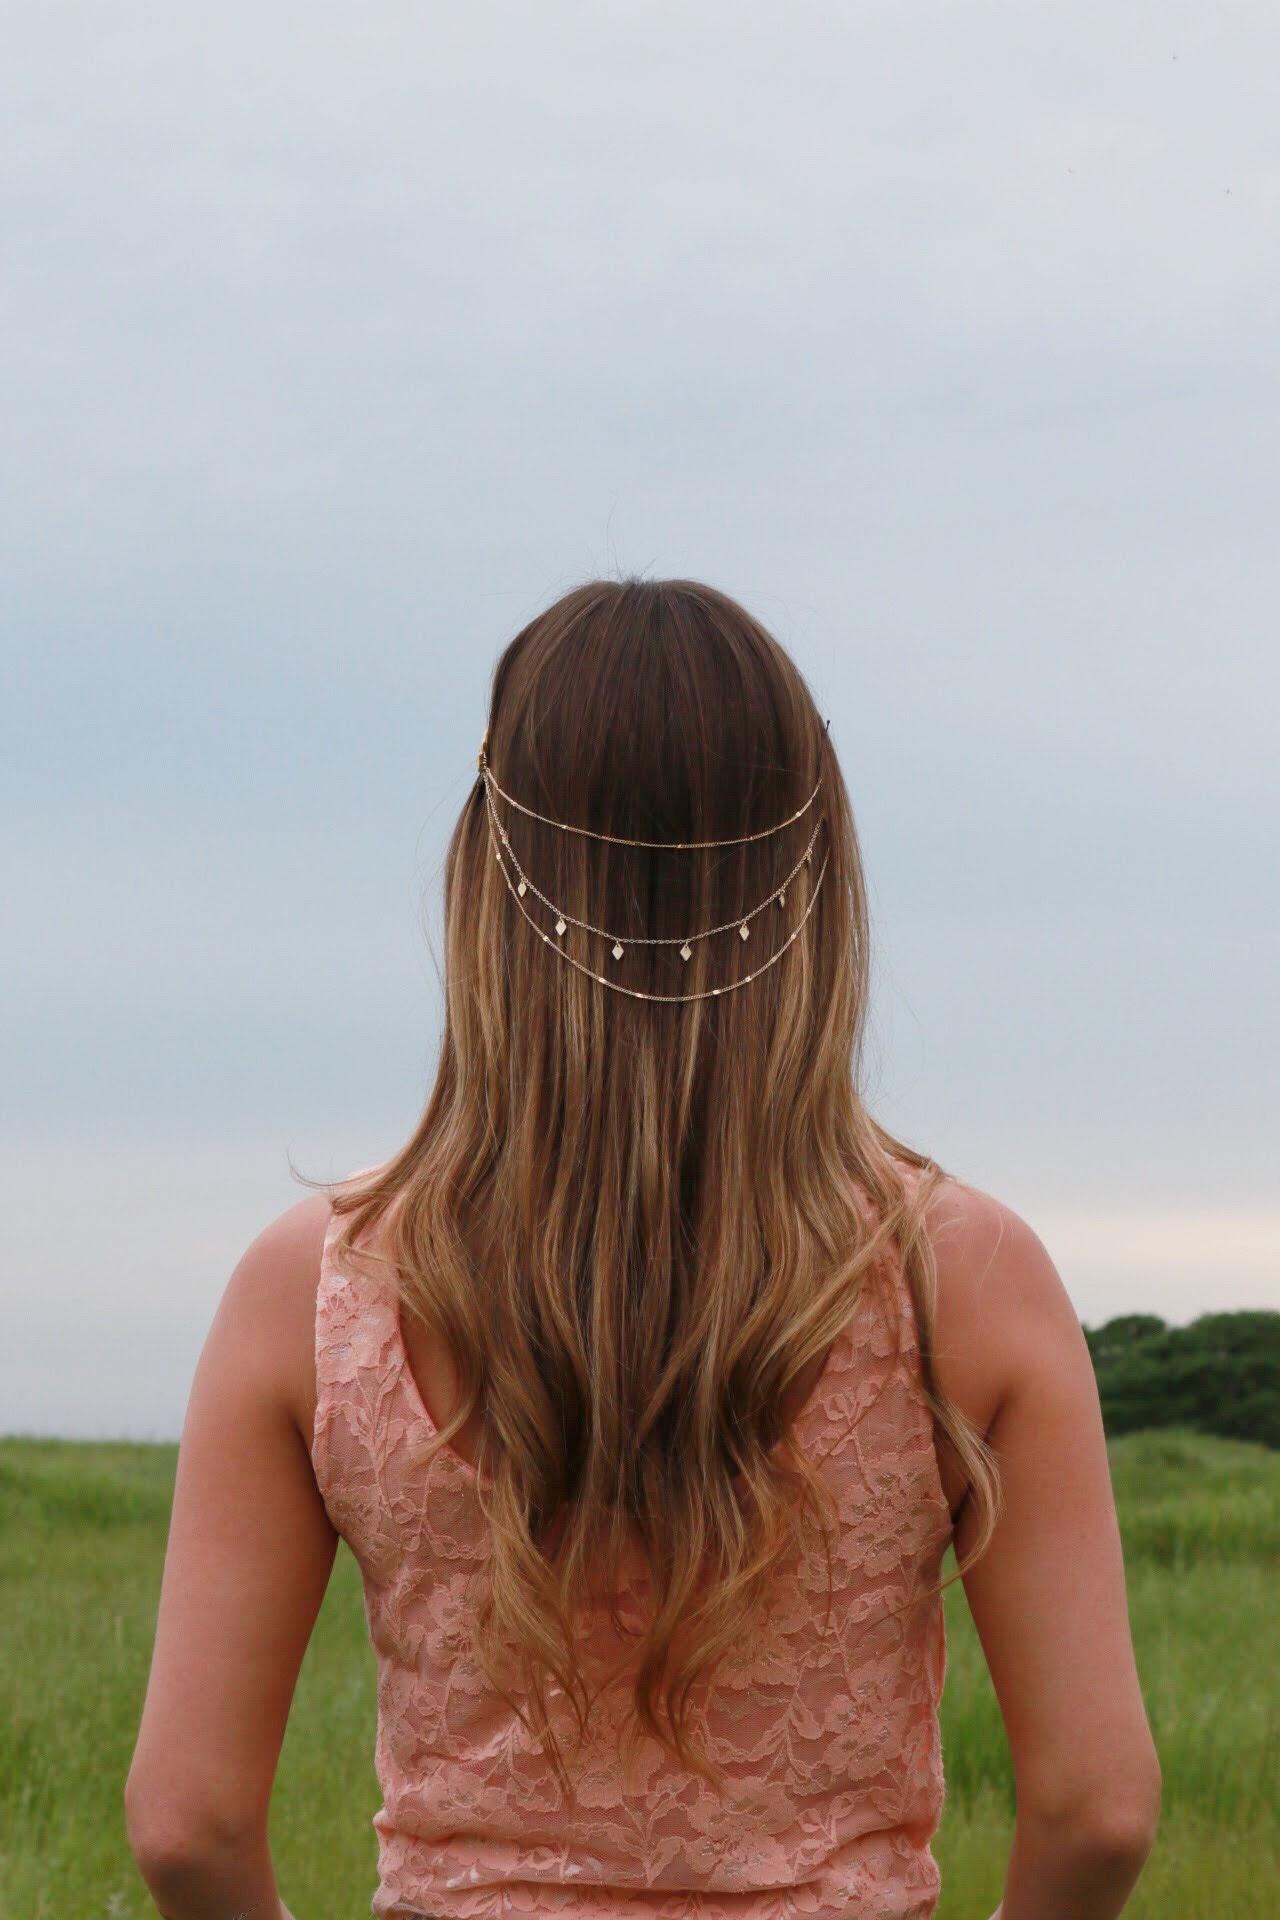 Gold Chain Crown Hair Accessory